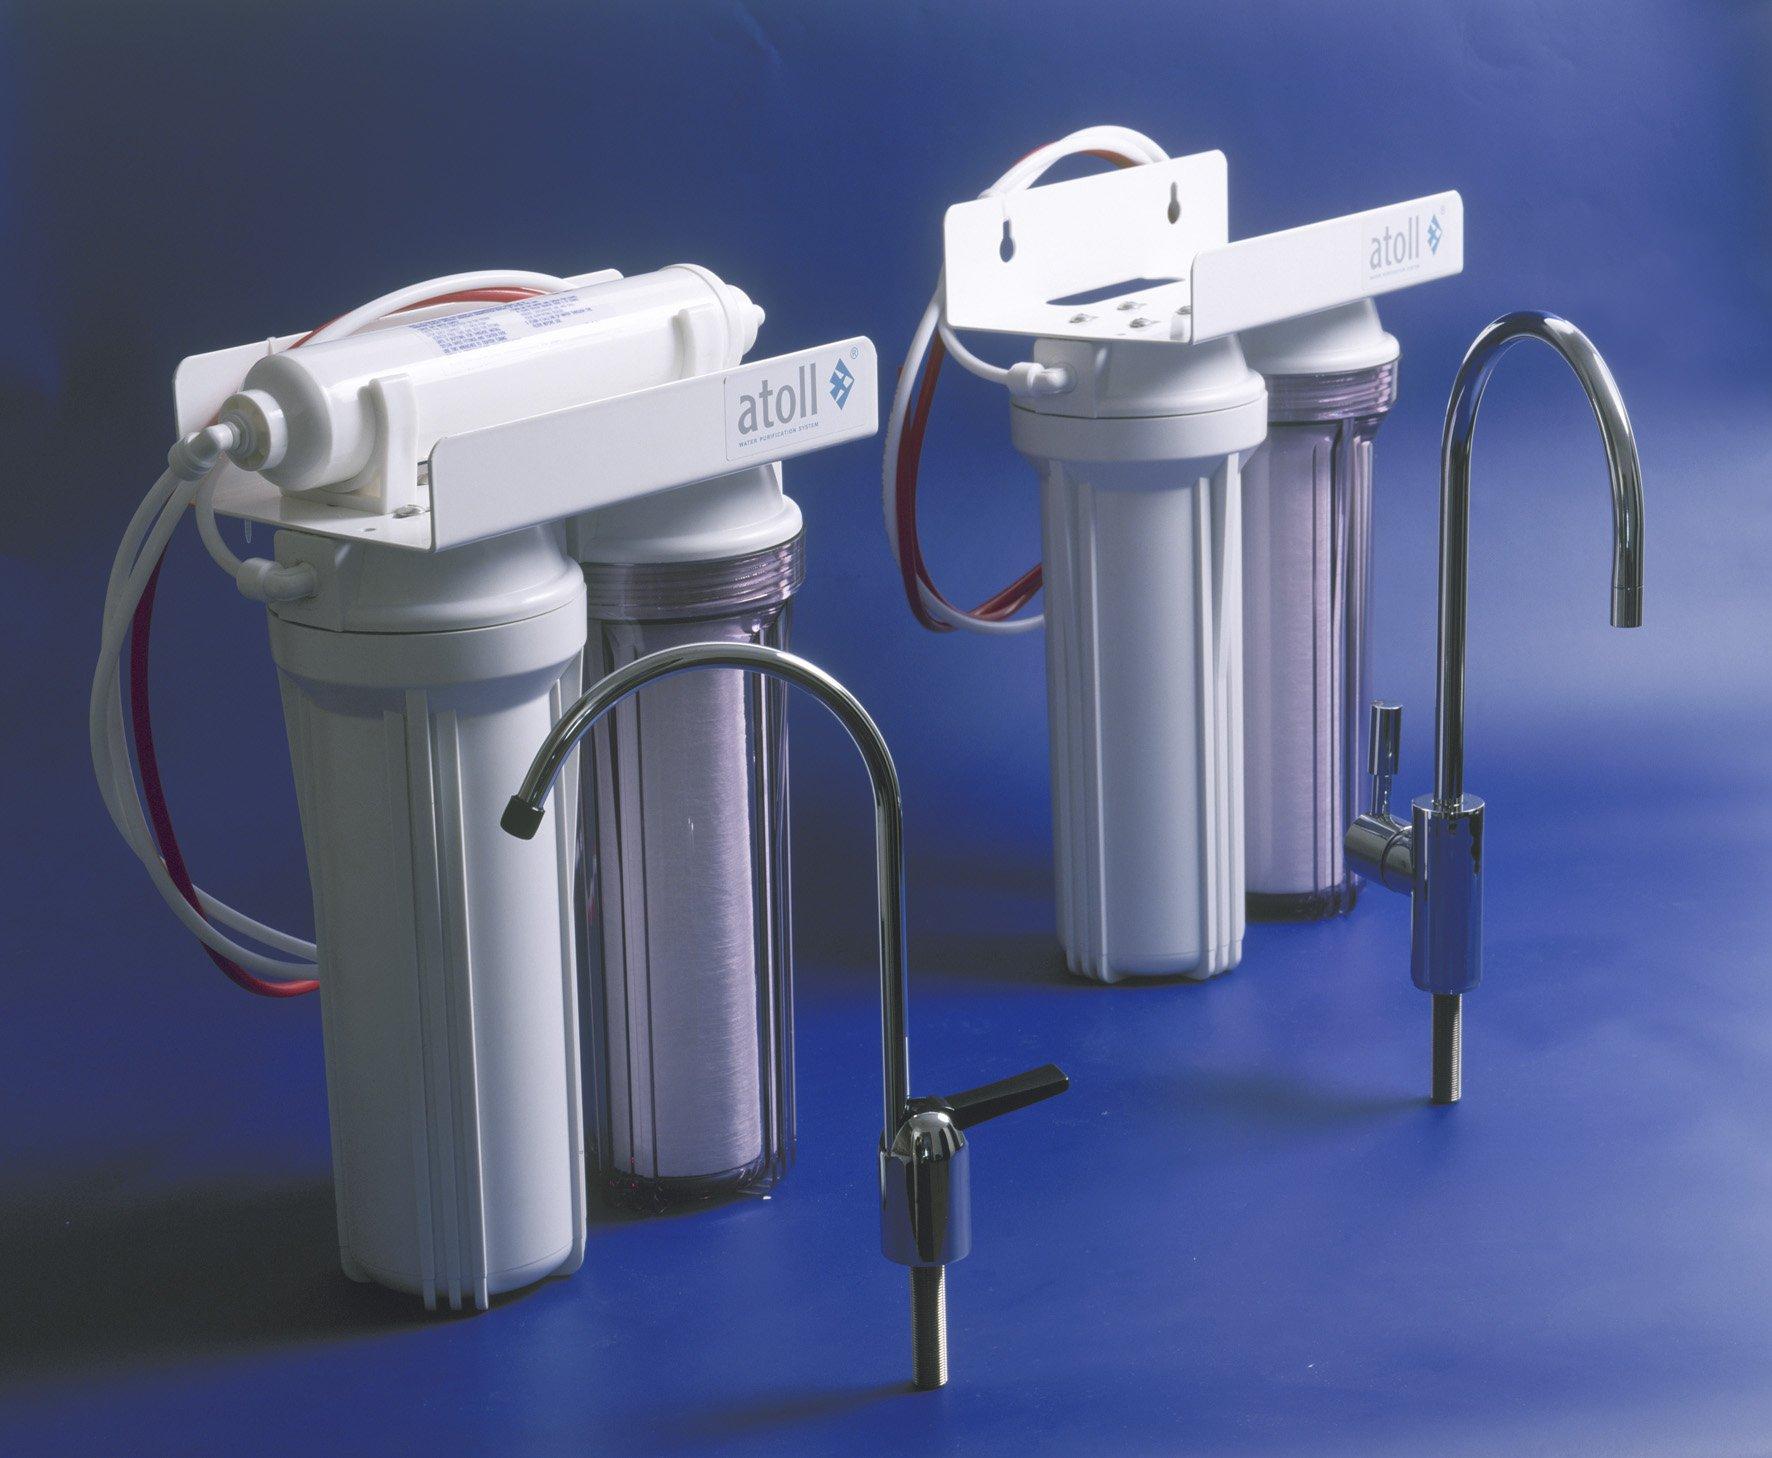 сказать сразу: какие бывают фильтры для воды в квартиру всей